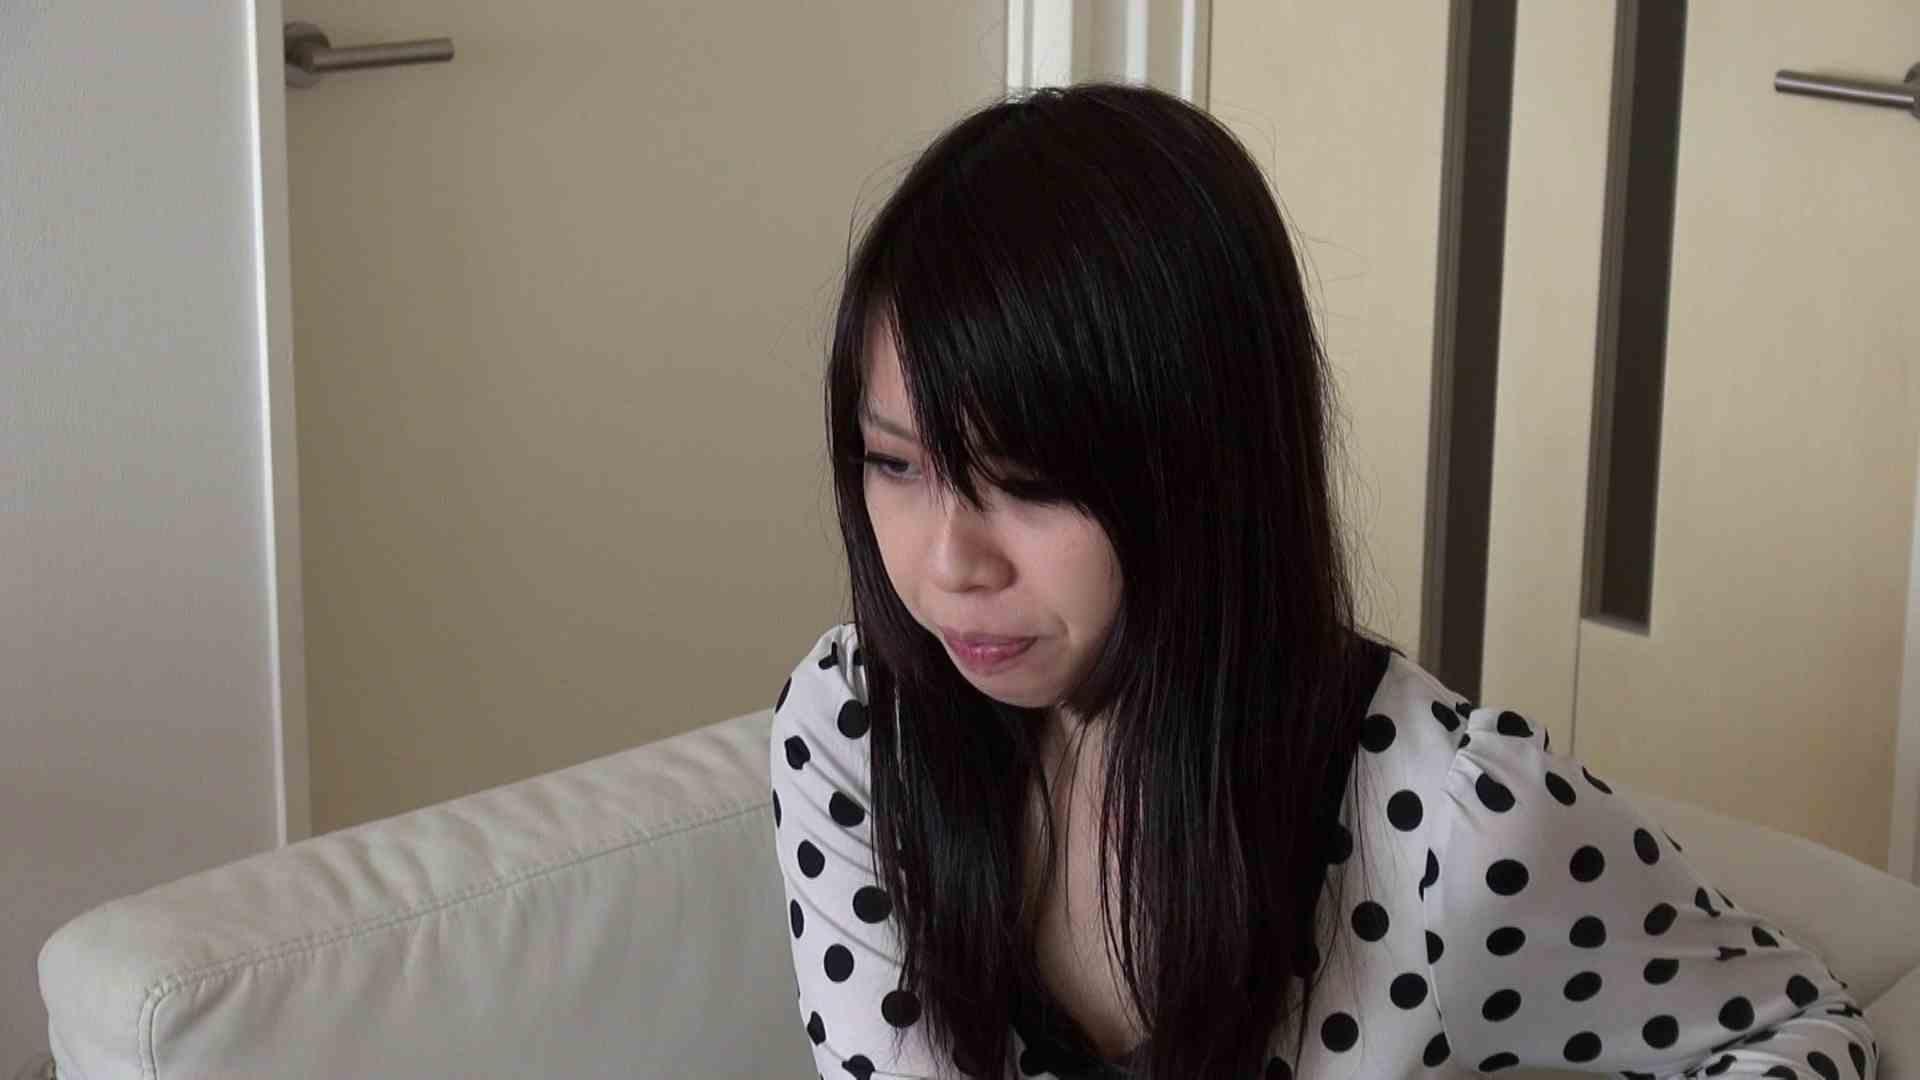 自宅で今回の出演までの経緯を語る志穂さん ドキュメント  29連発 11